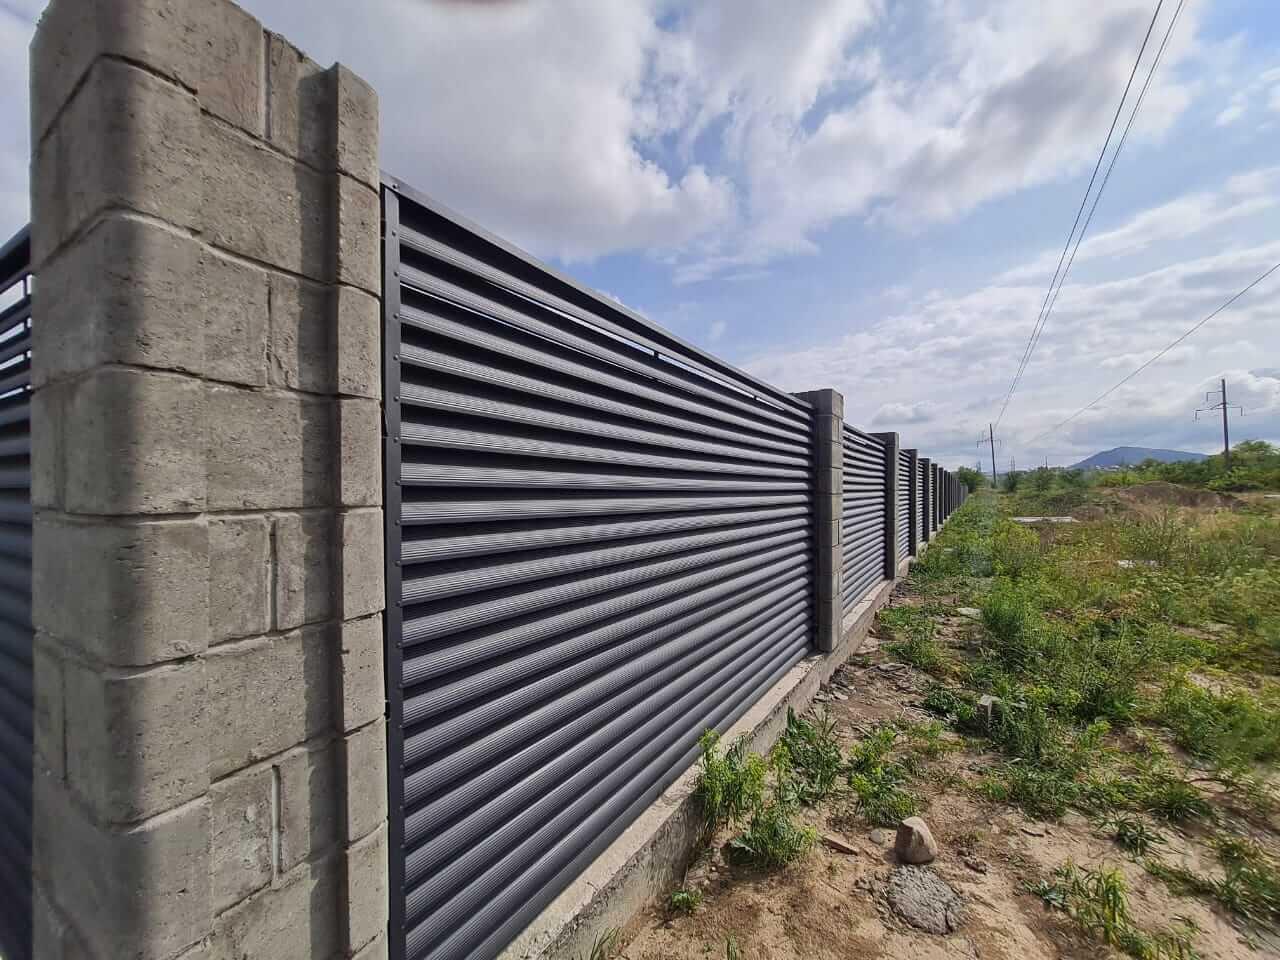 забор-жалюзи серый графит матовый фото8